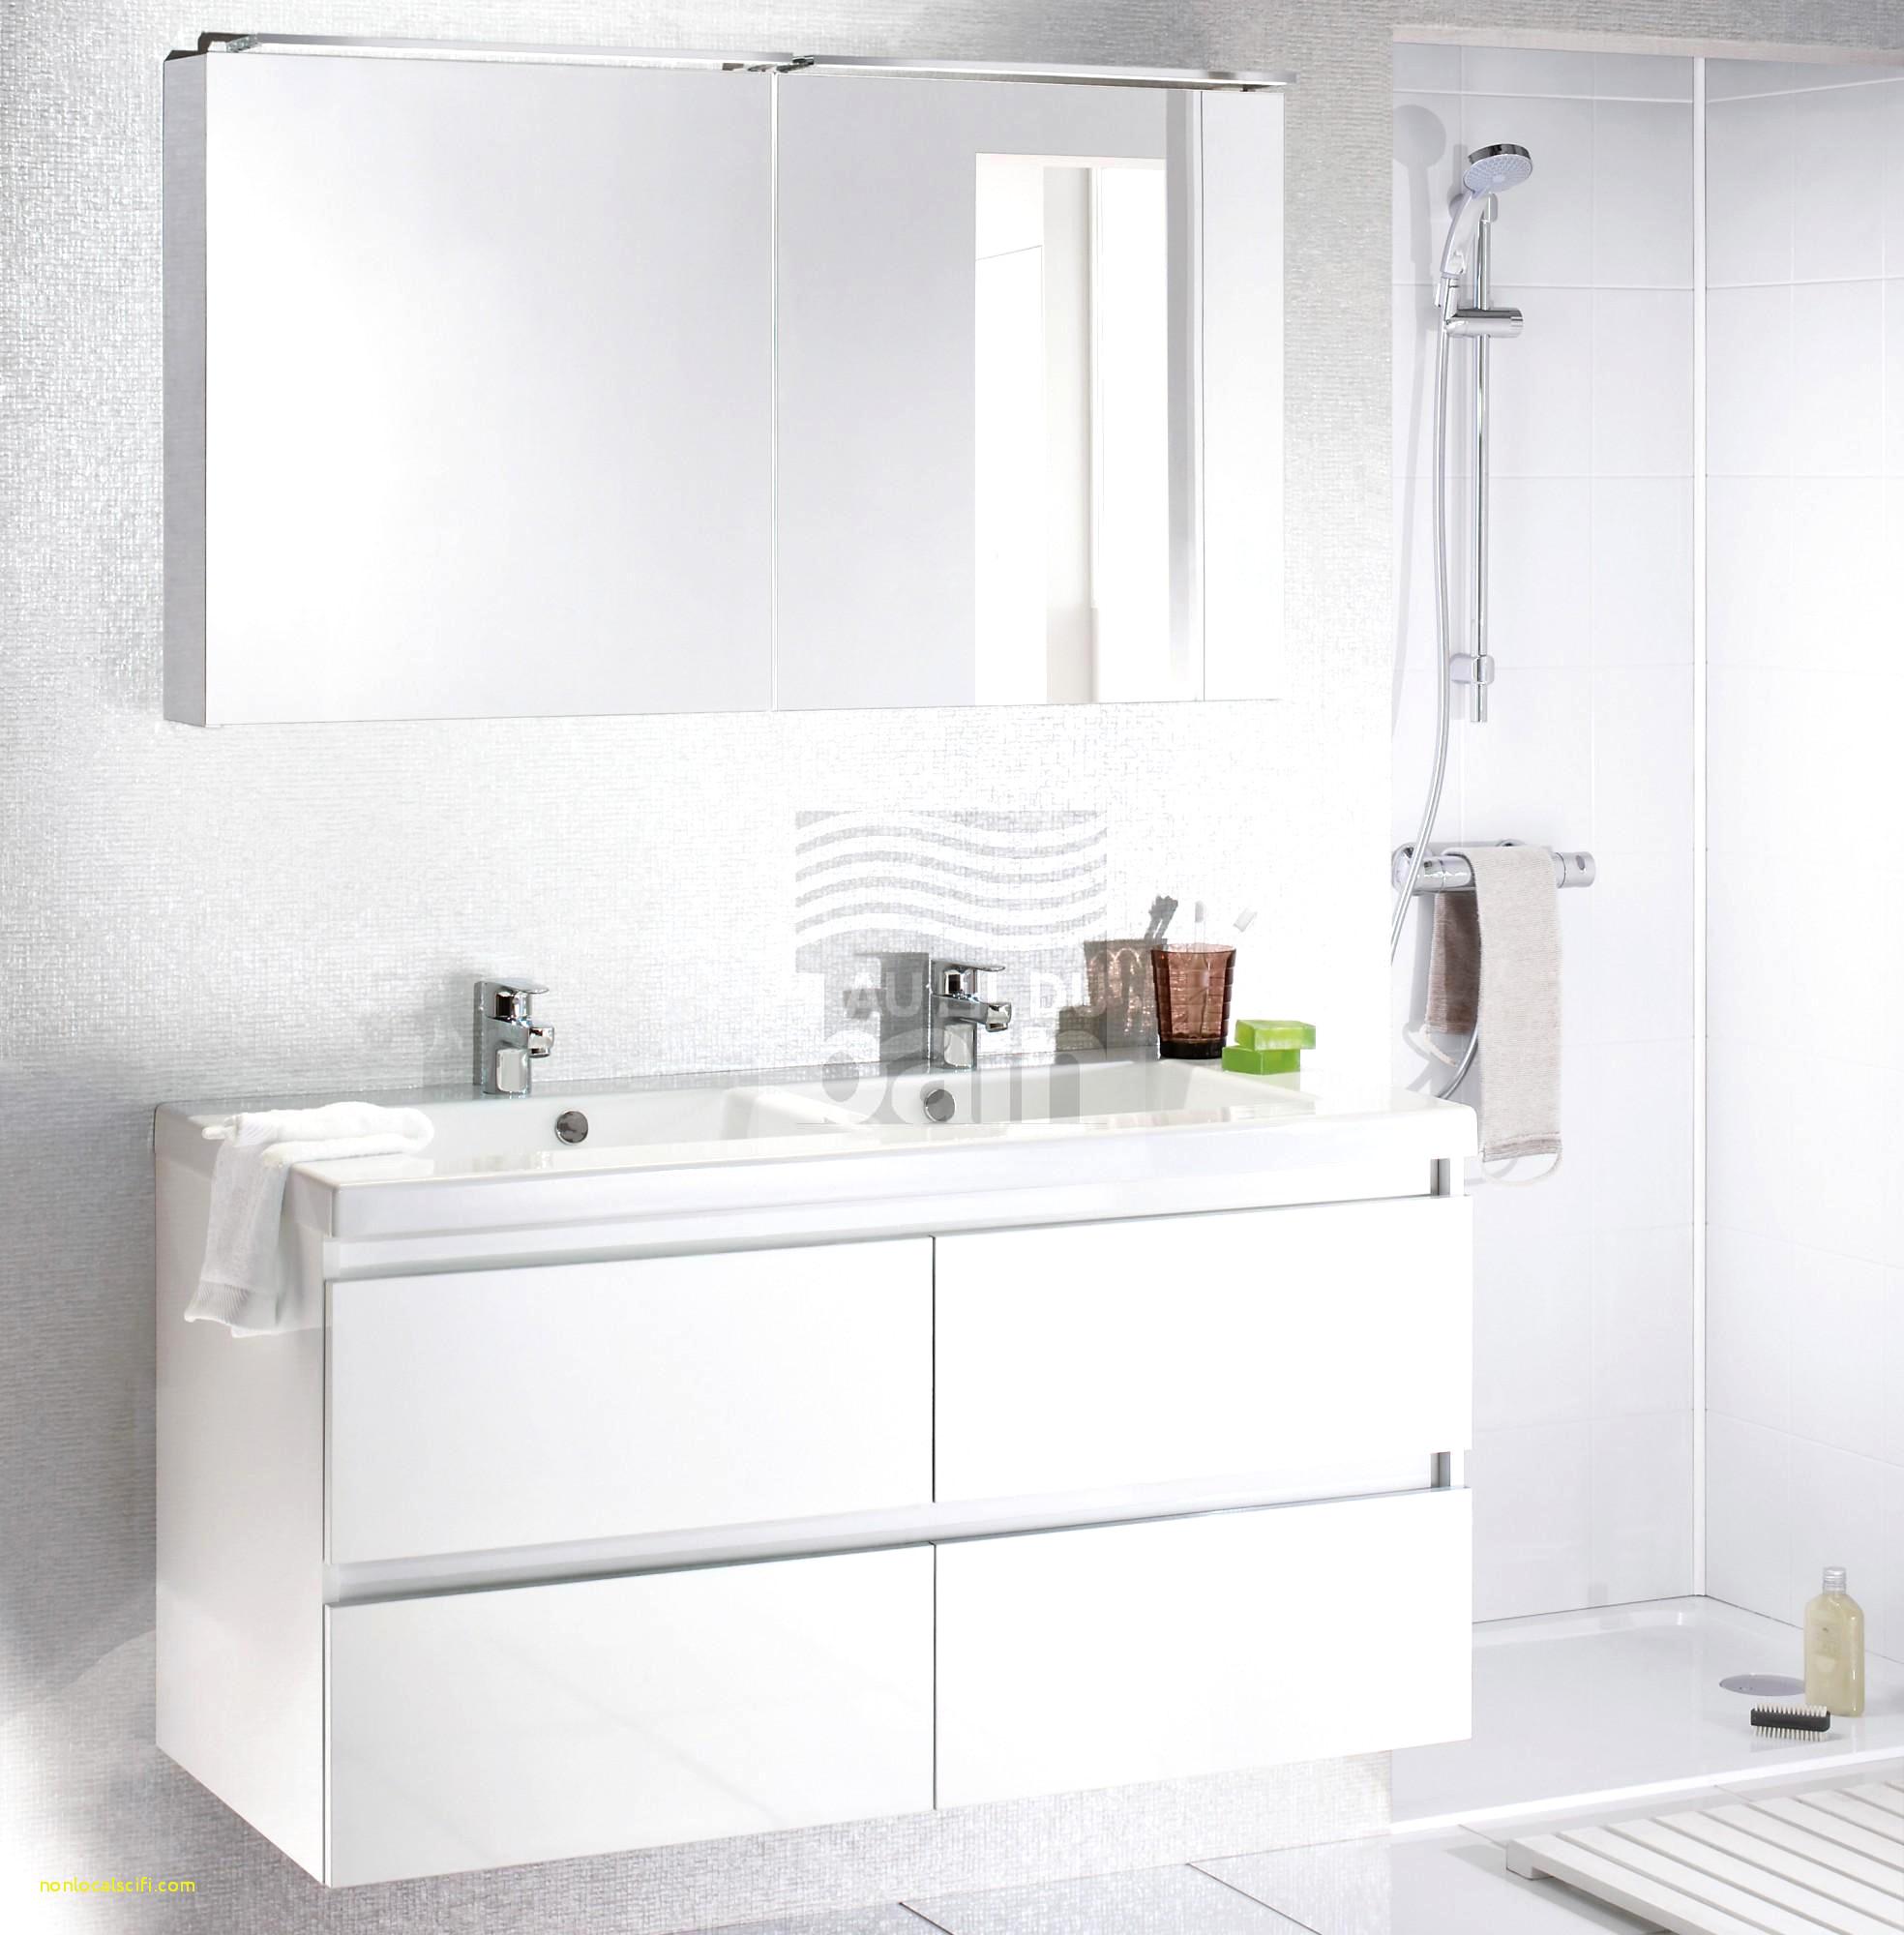 Vasque A Poser Brico Depot Meilleur De Photos Résultat Supérieur 99 Frais 2 Vasques Salle De Bain Graphie